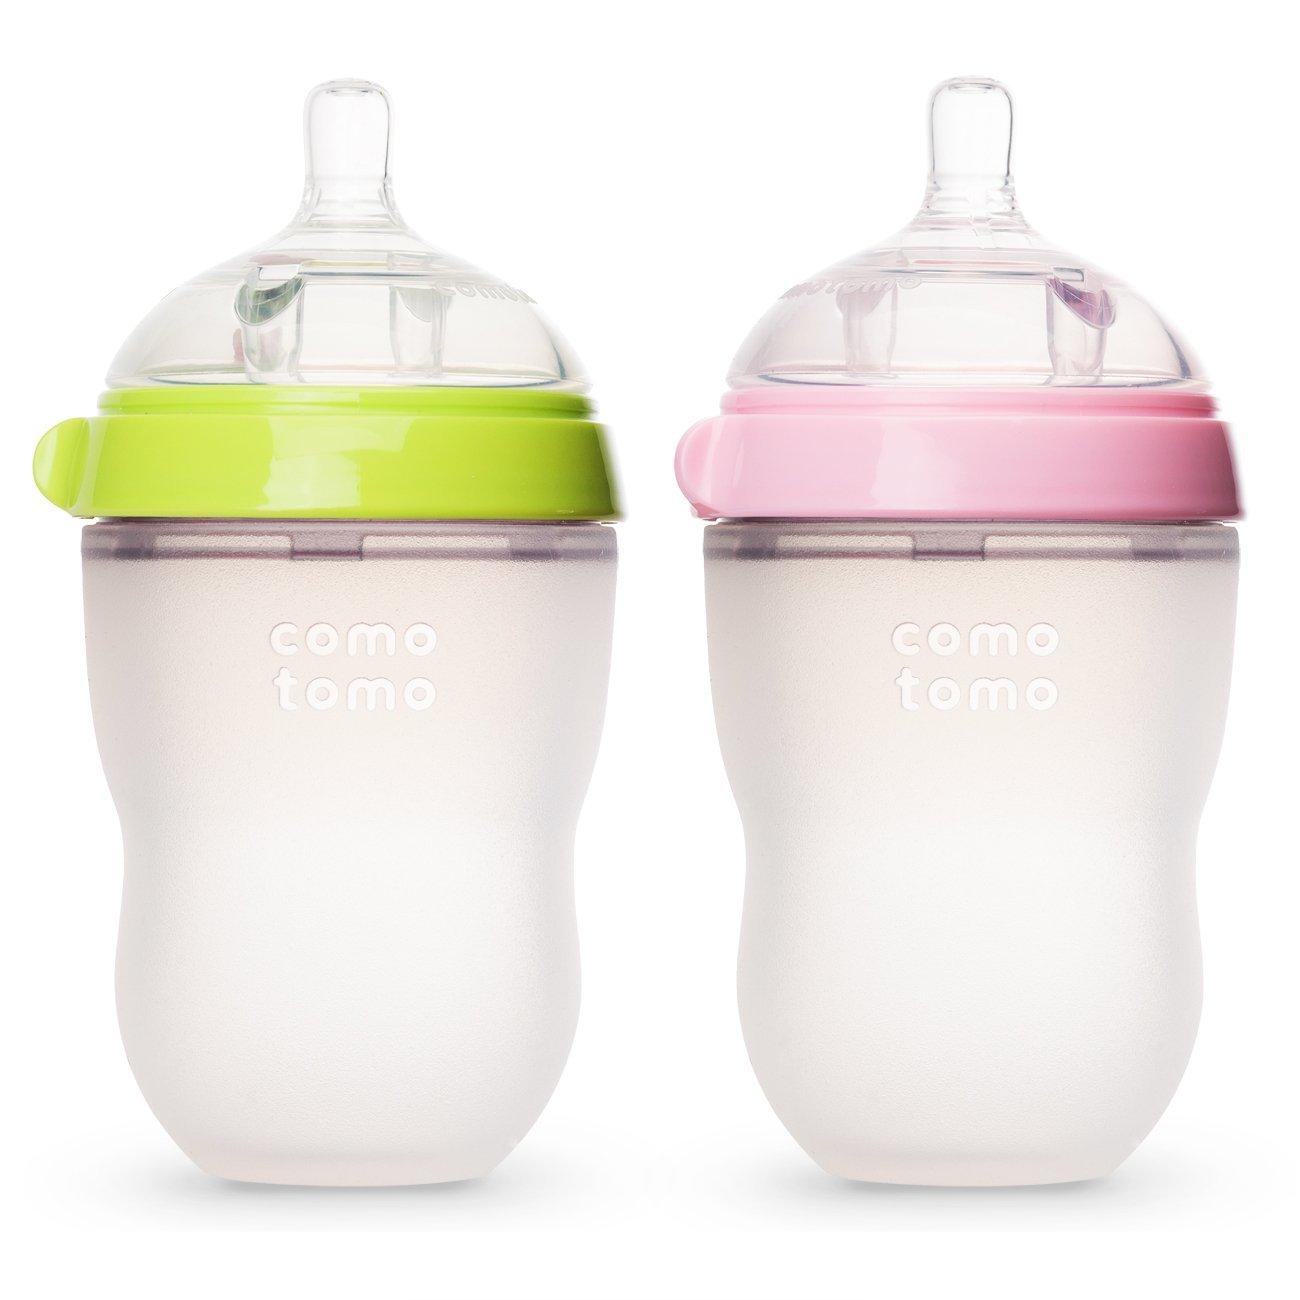 Bình sữa silicone Comotomo 250ML - Xanh lá